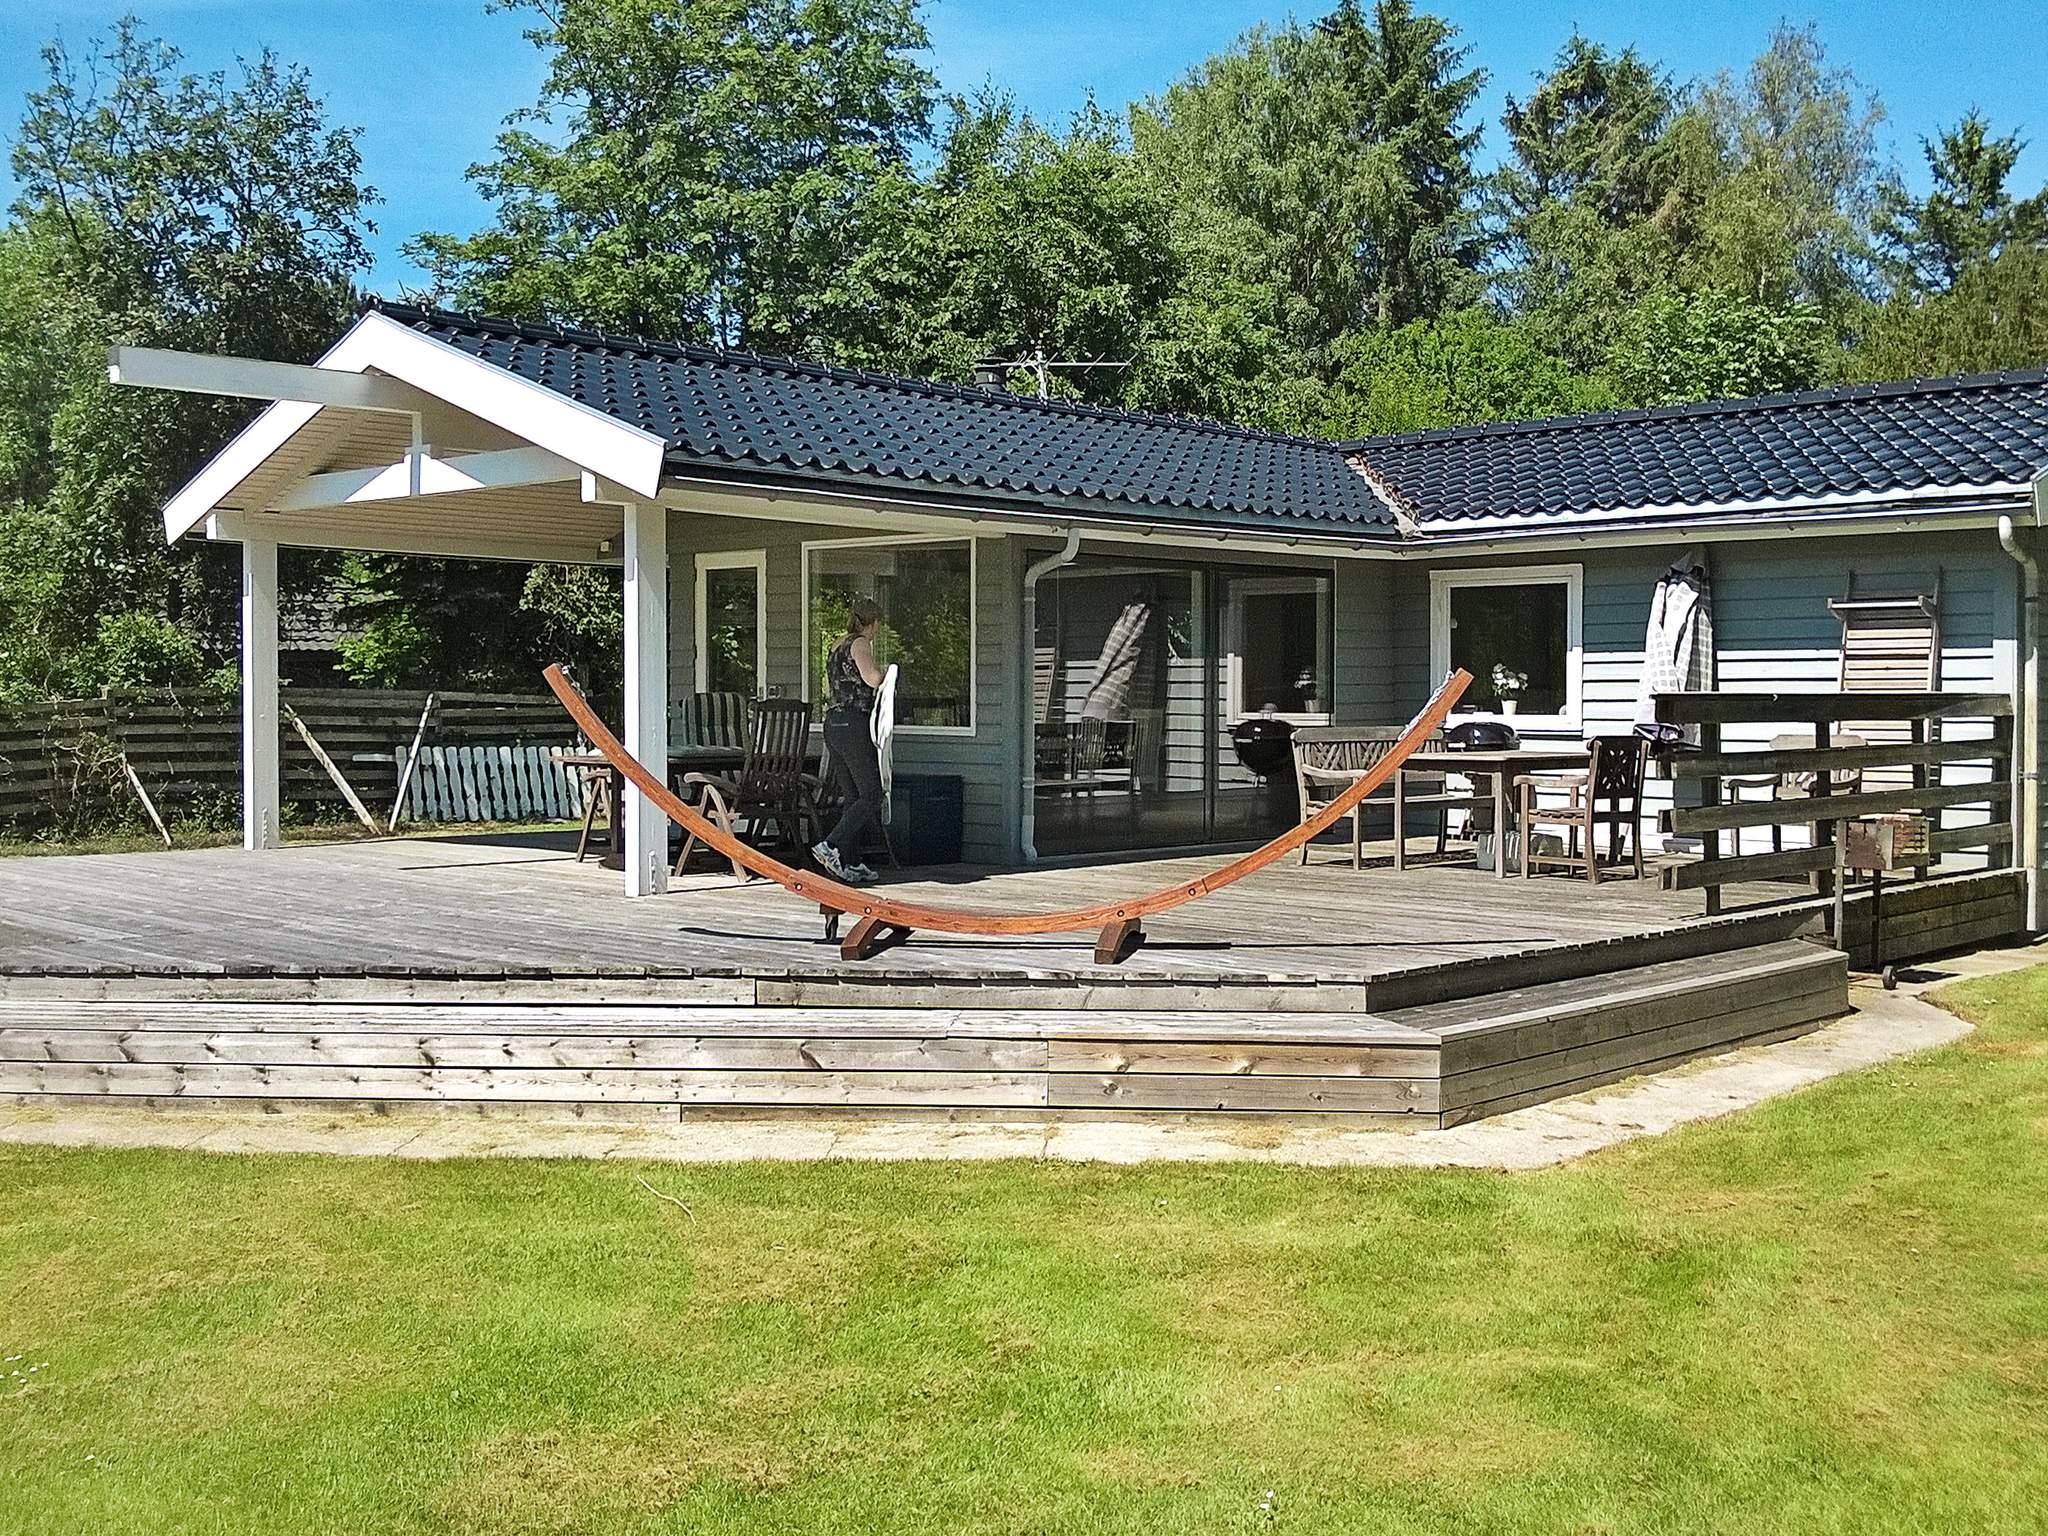 Ferienhaus Hummingen (89267), Hummingen, , Lolland, Dänemark, Bild 16